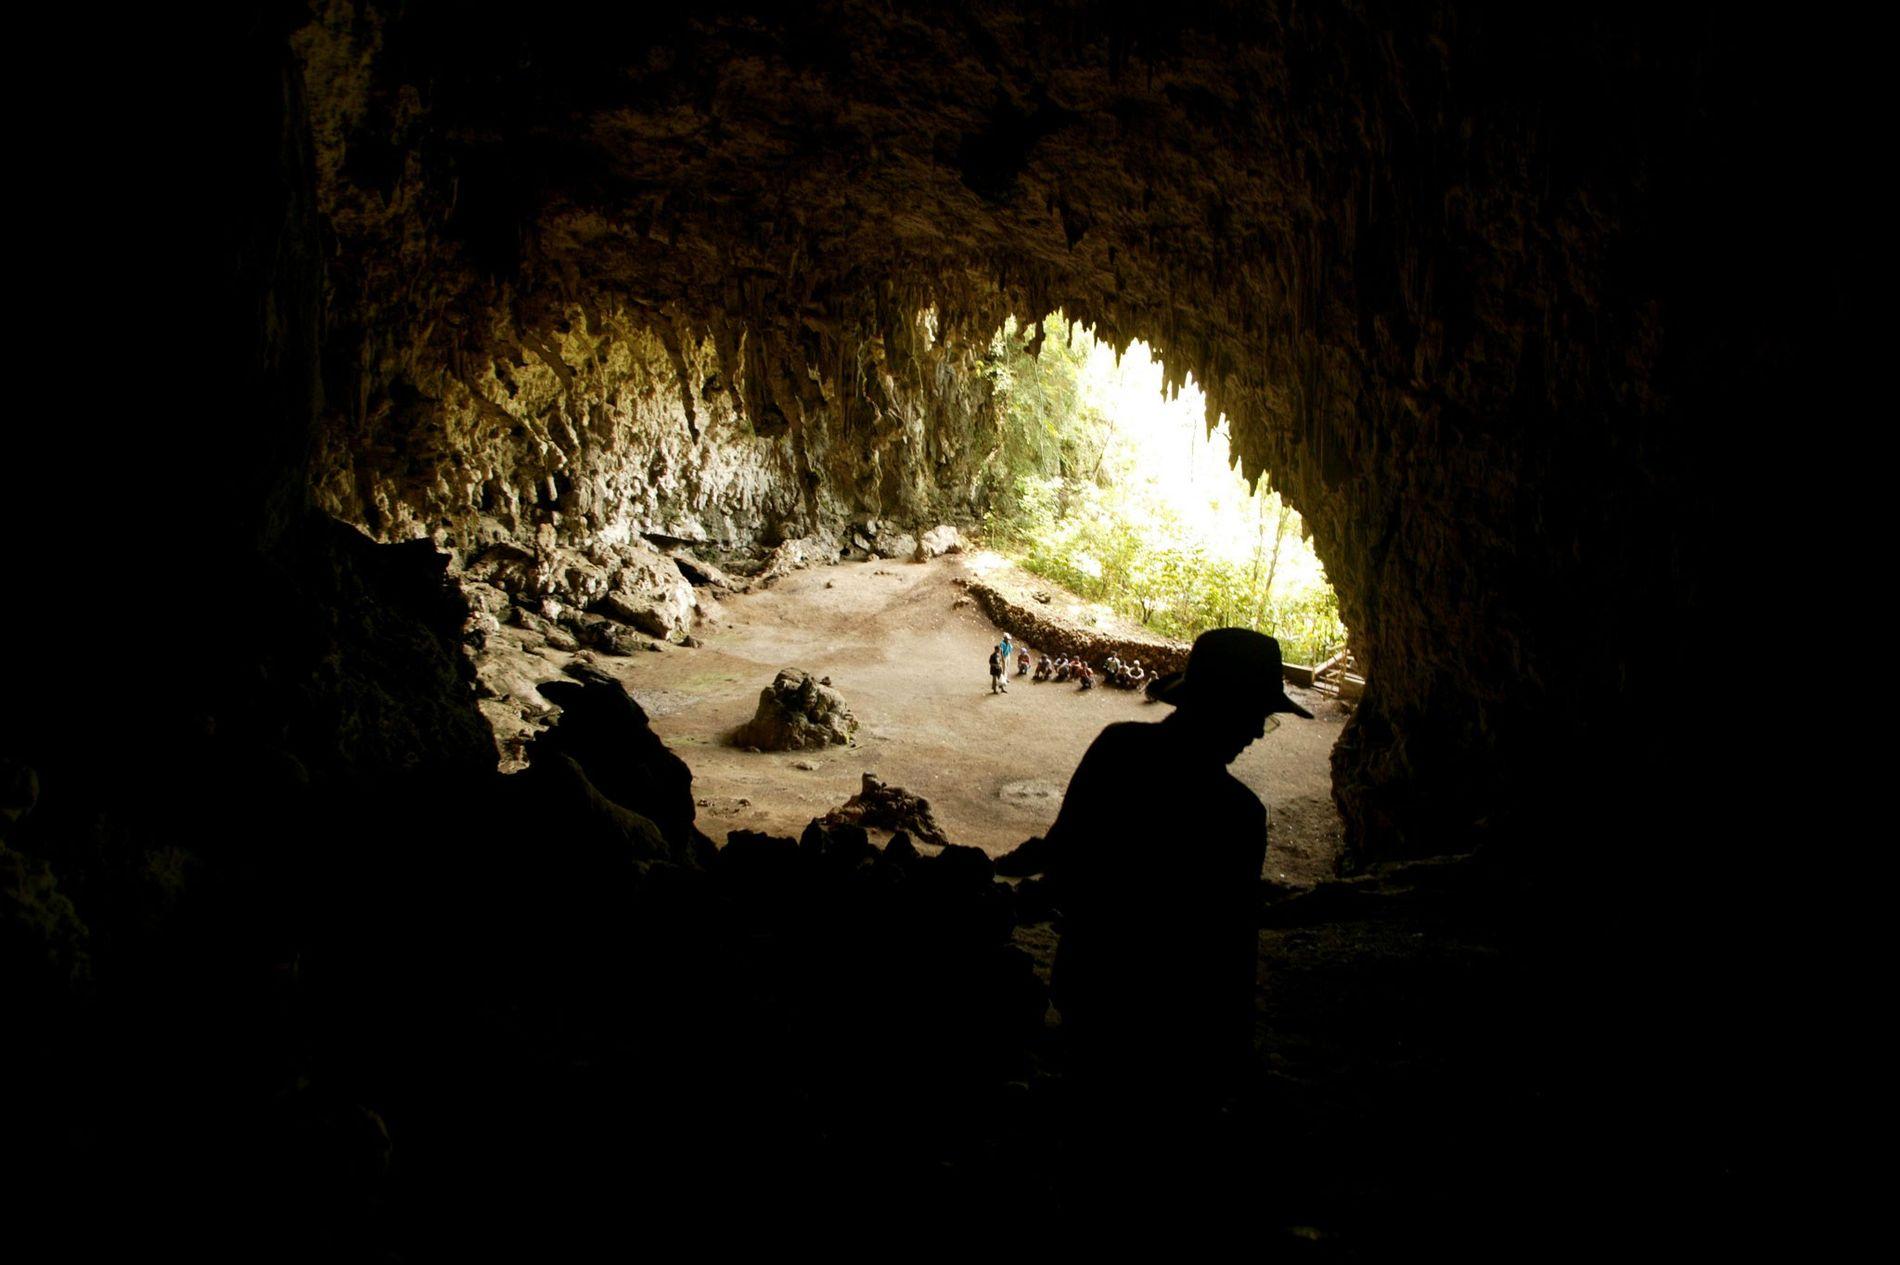 O arqueólogo Douglas Hobbs examina a caverna em Liang Bua, onde os restos mortais do 'hobbit' foram descobertos.